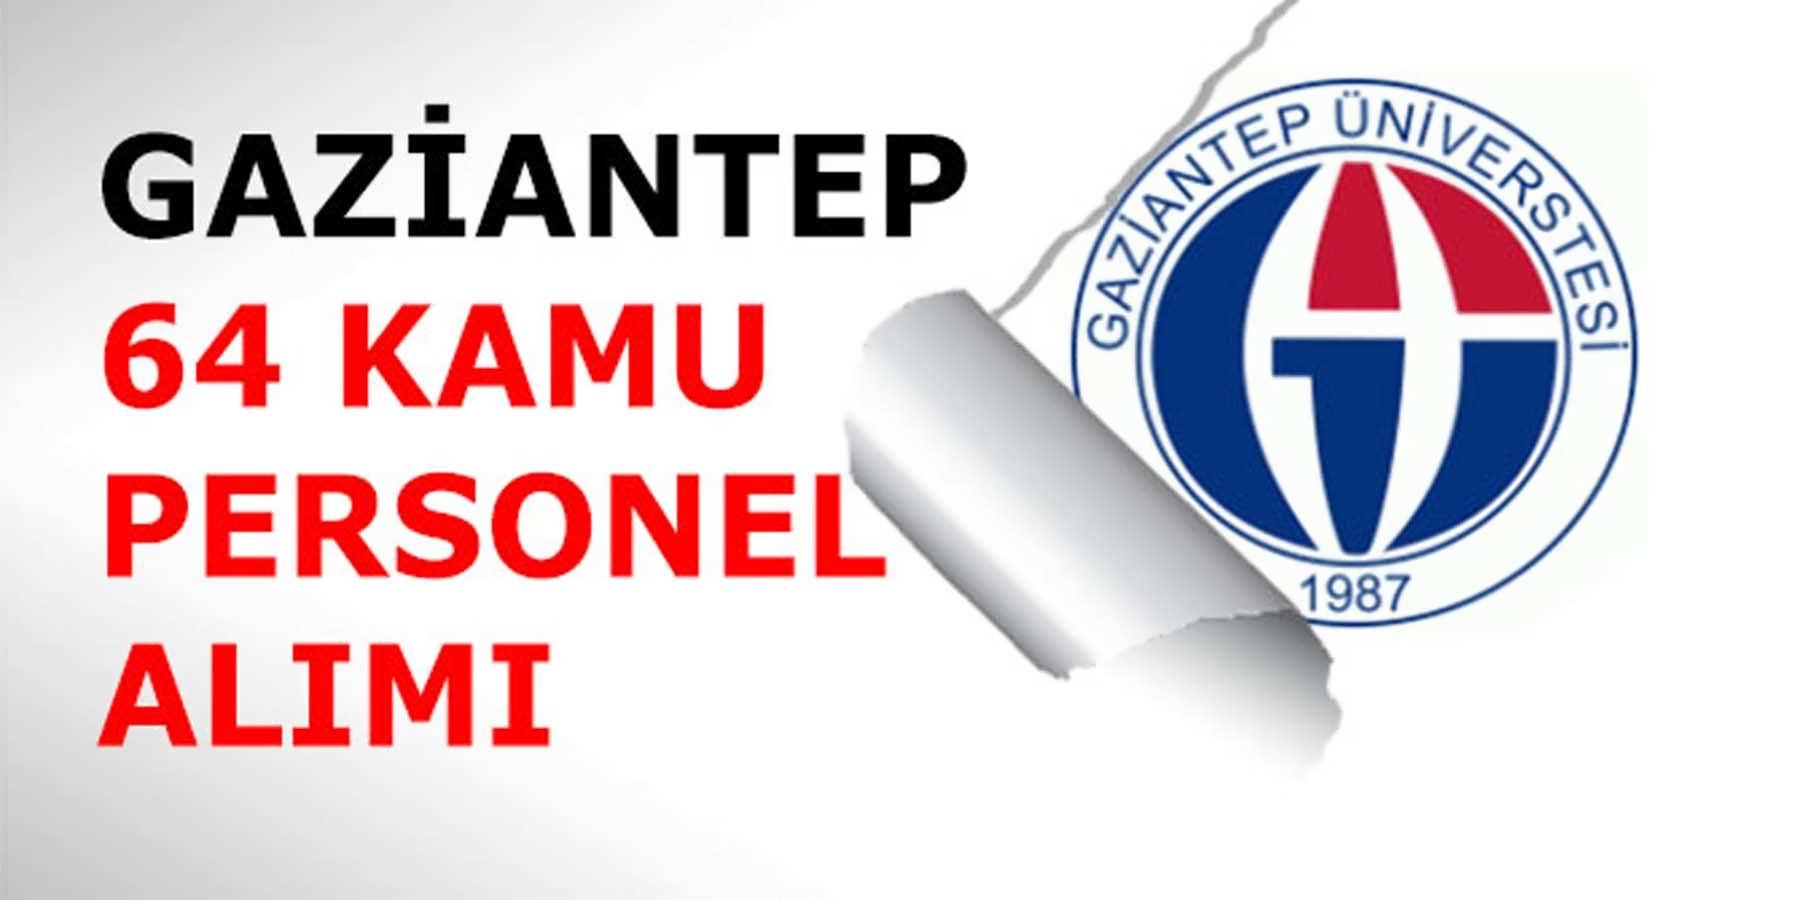 Gaziantep Üniversitesi 64 Kamu Personeli (Sağlık Personeli) Alımı